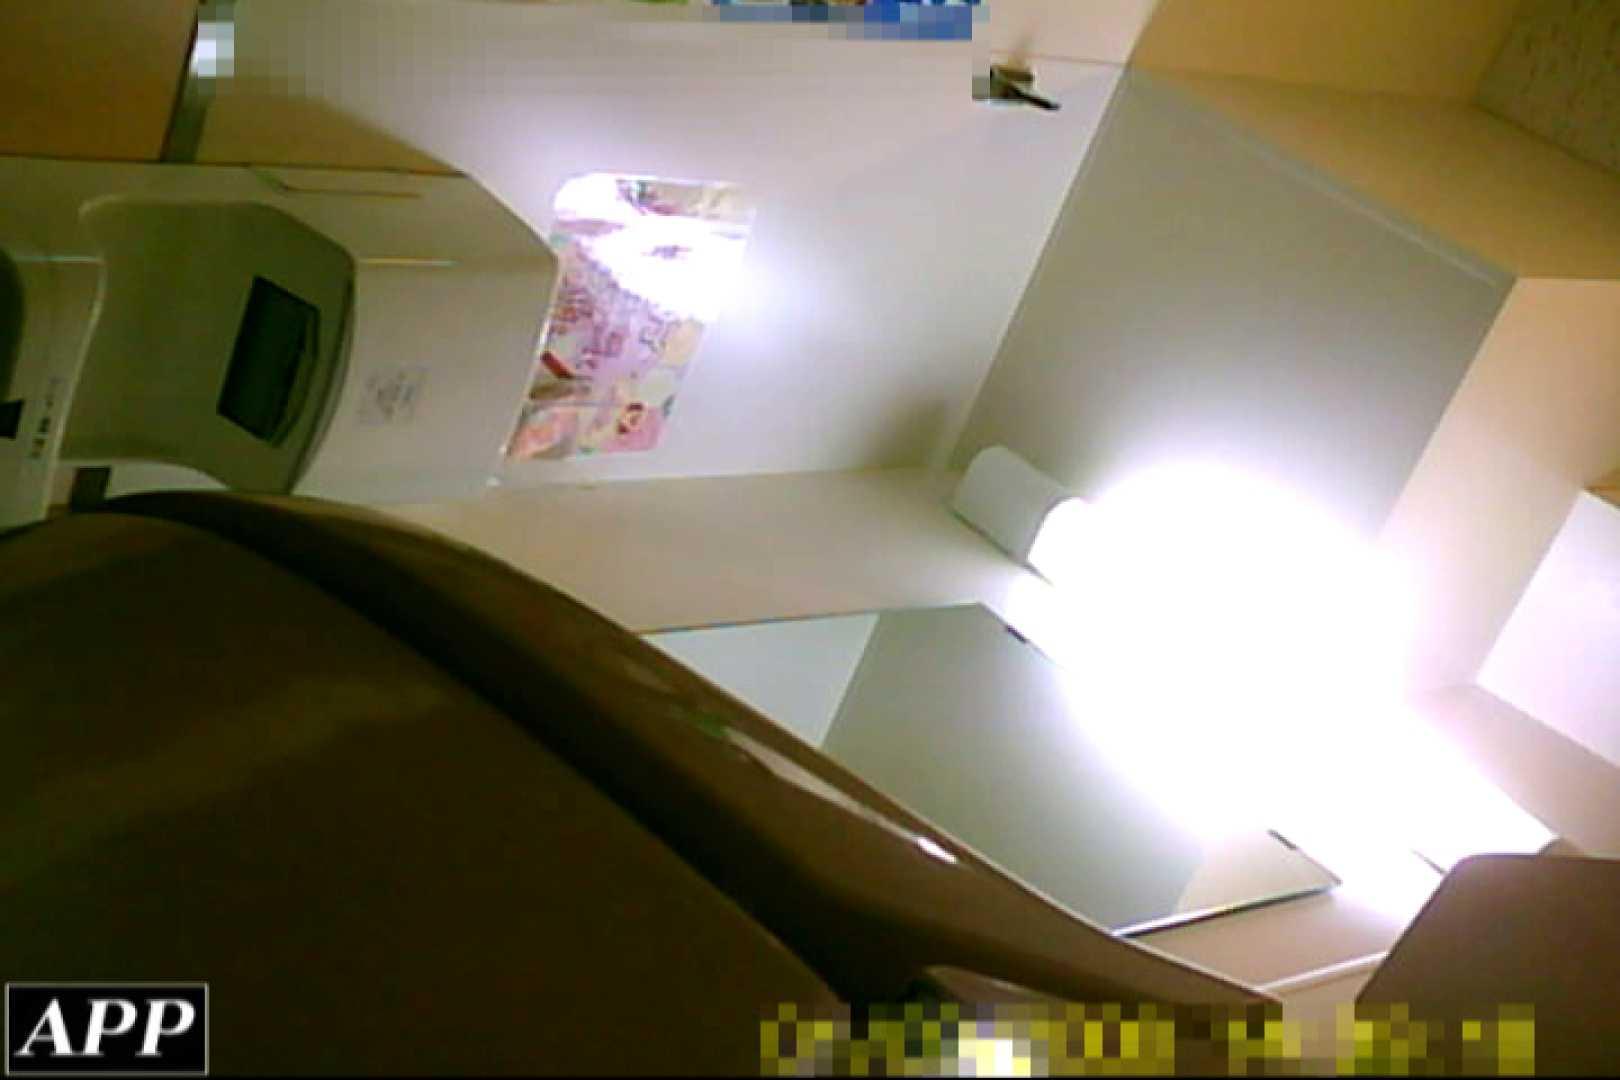 3視点洗面所 vol.23 オマンコ  105PIX 104